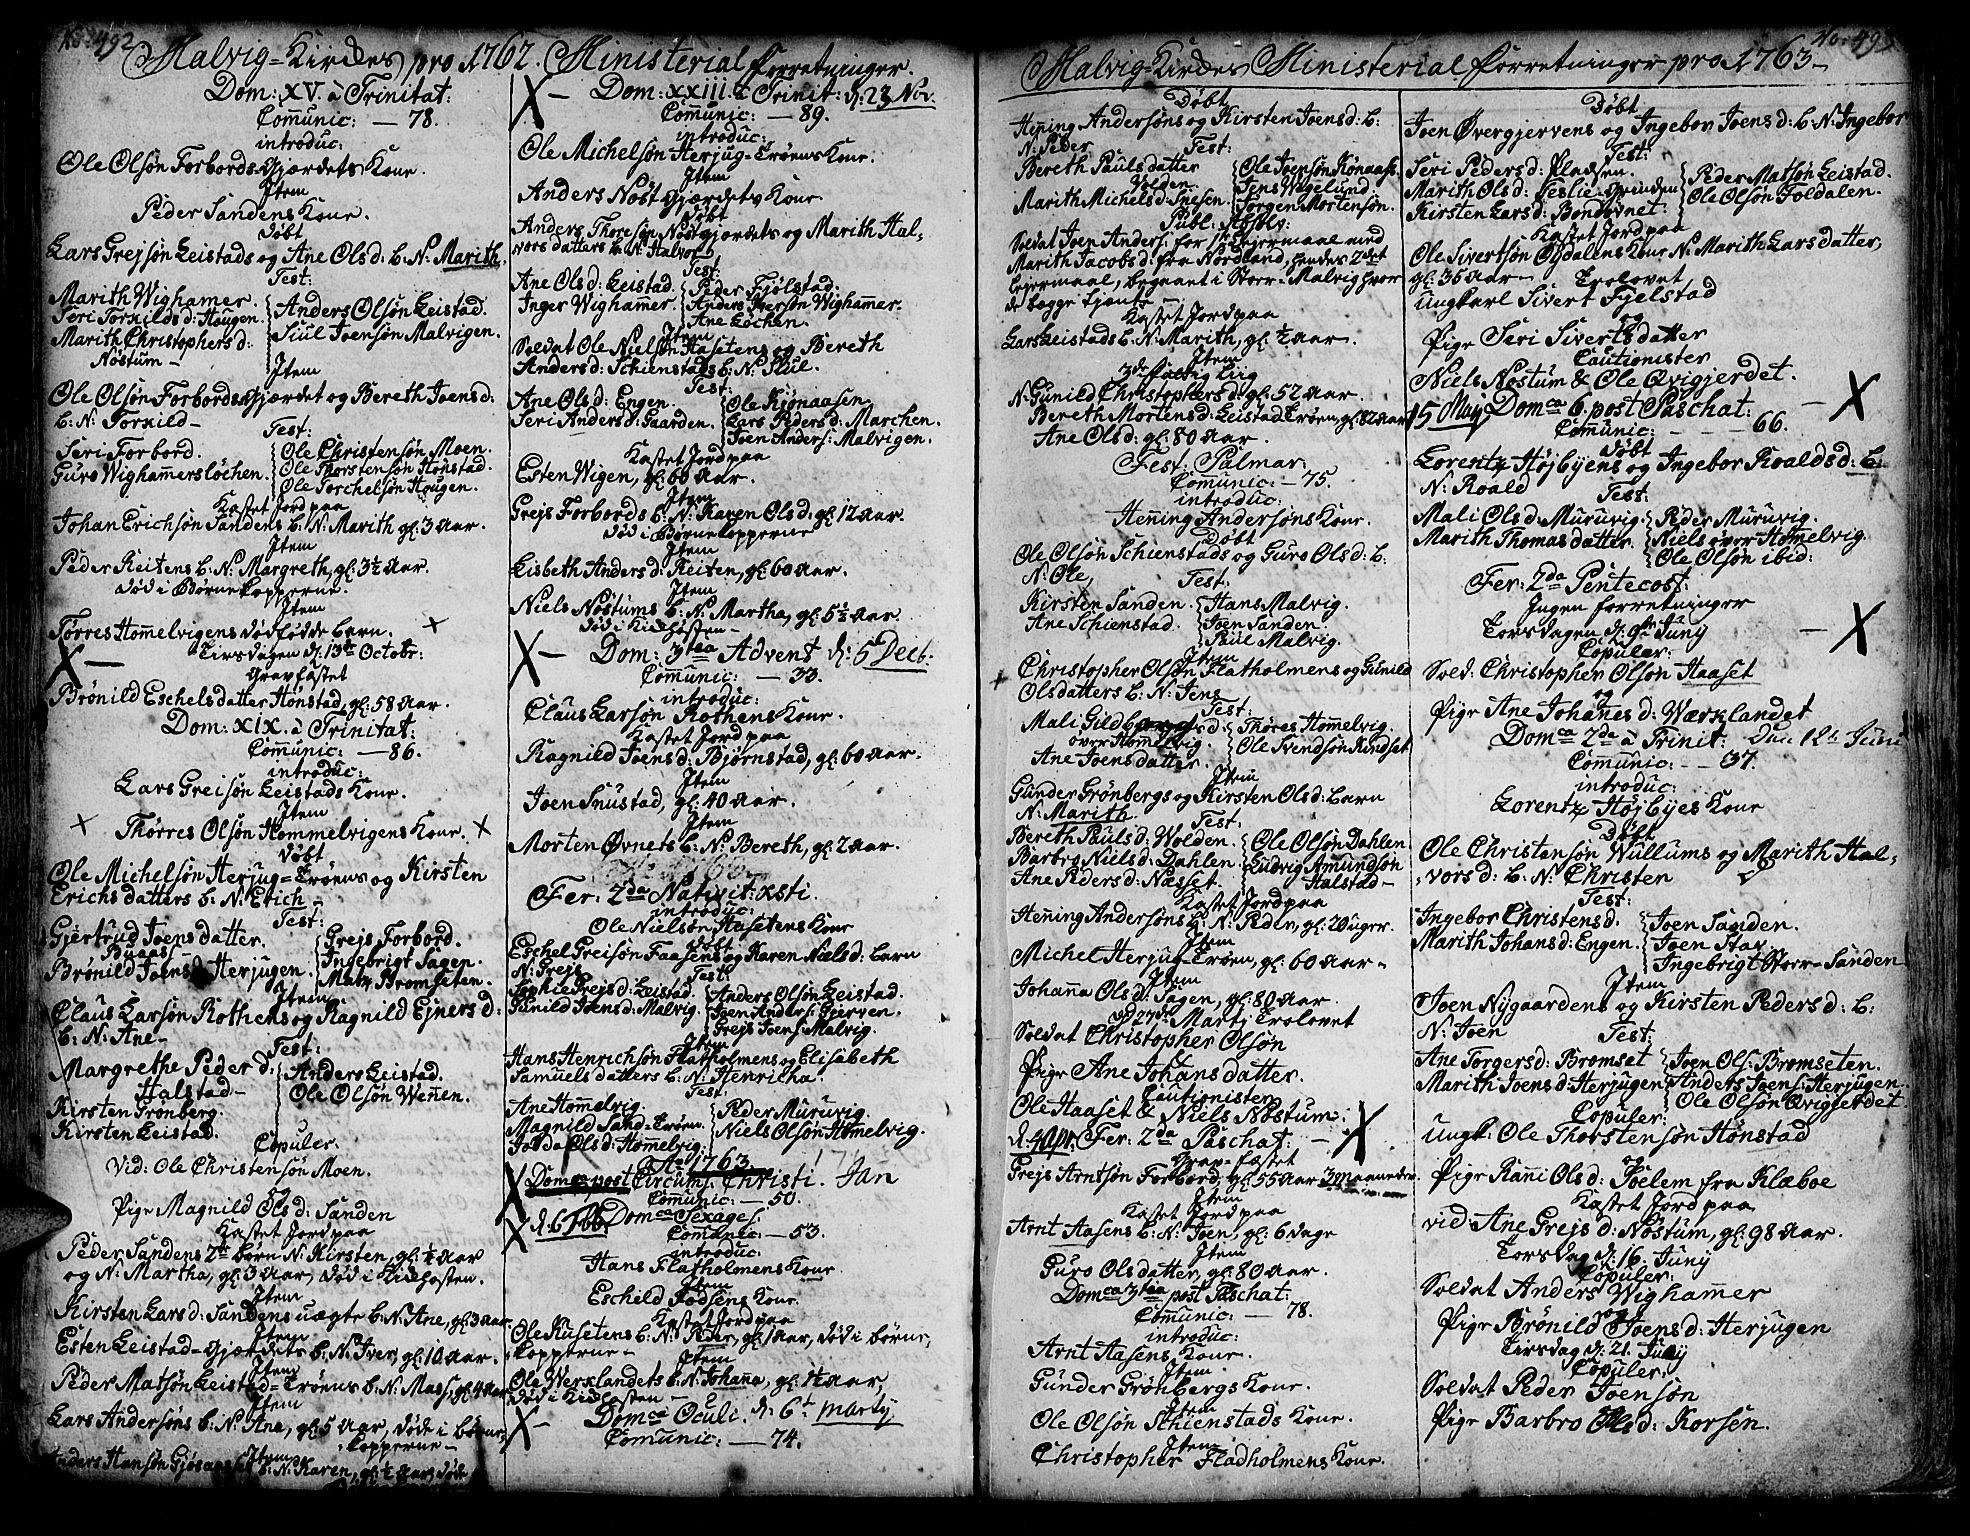 SAT, Ministerialprotokoller, klokkerbøker og fødselsregistre - Sør-Trøndelag, 606/L0277: Ministerialbok nr. 606A01 /3, 1727-1780, s. 492-493